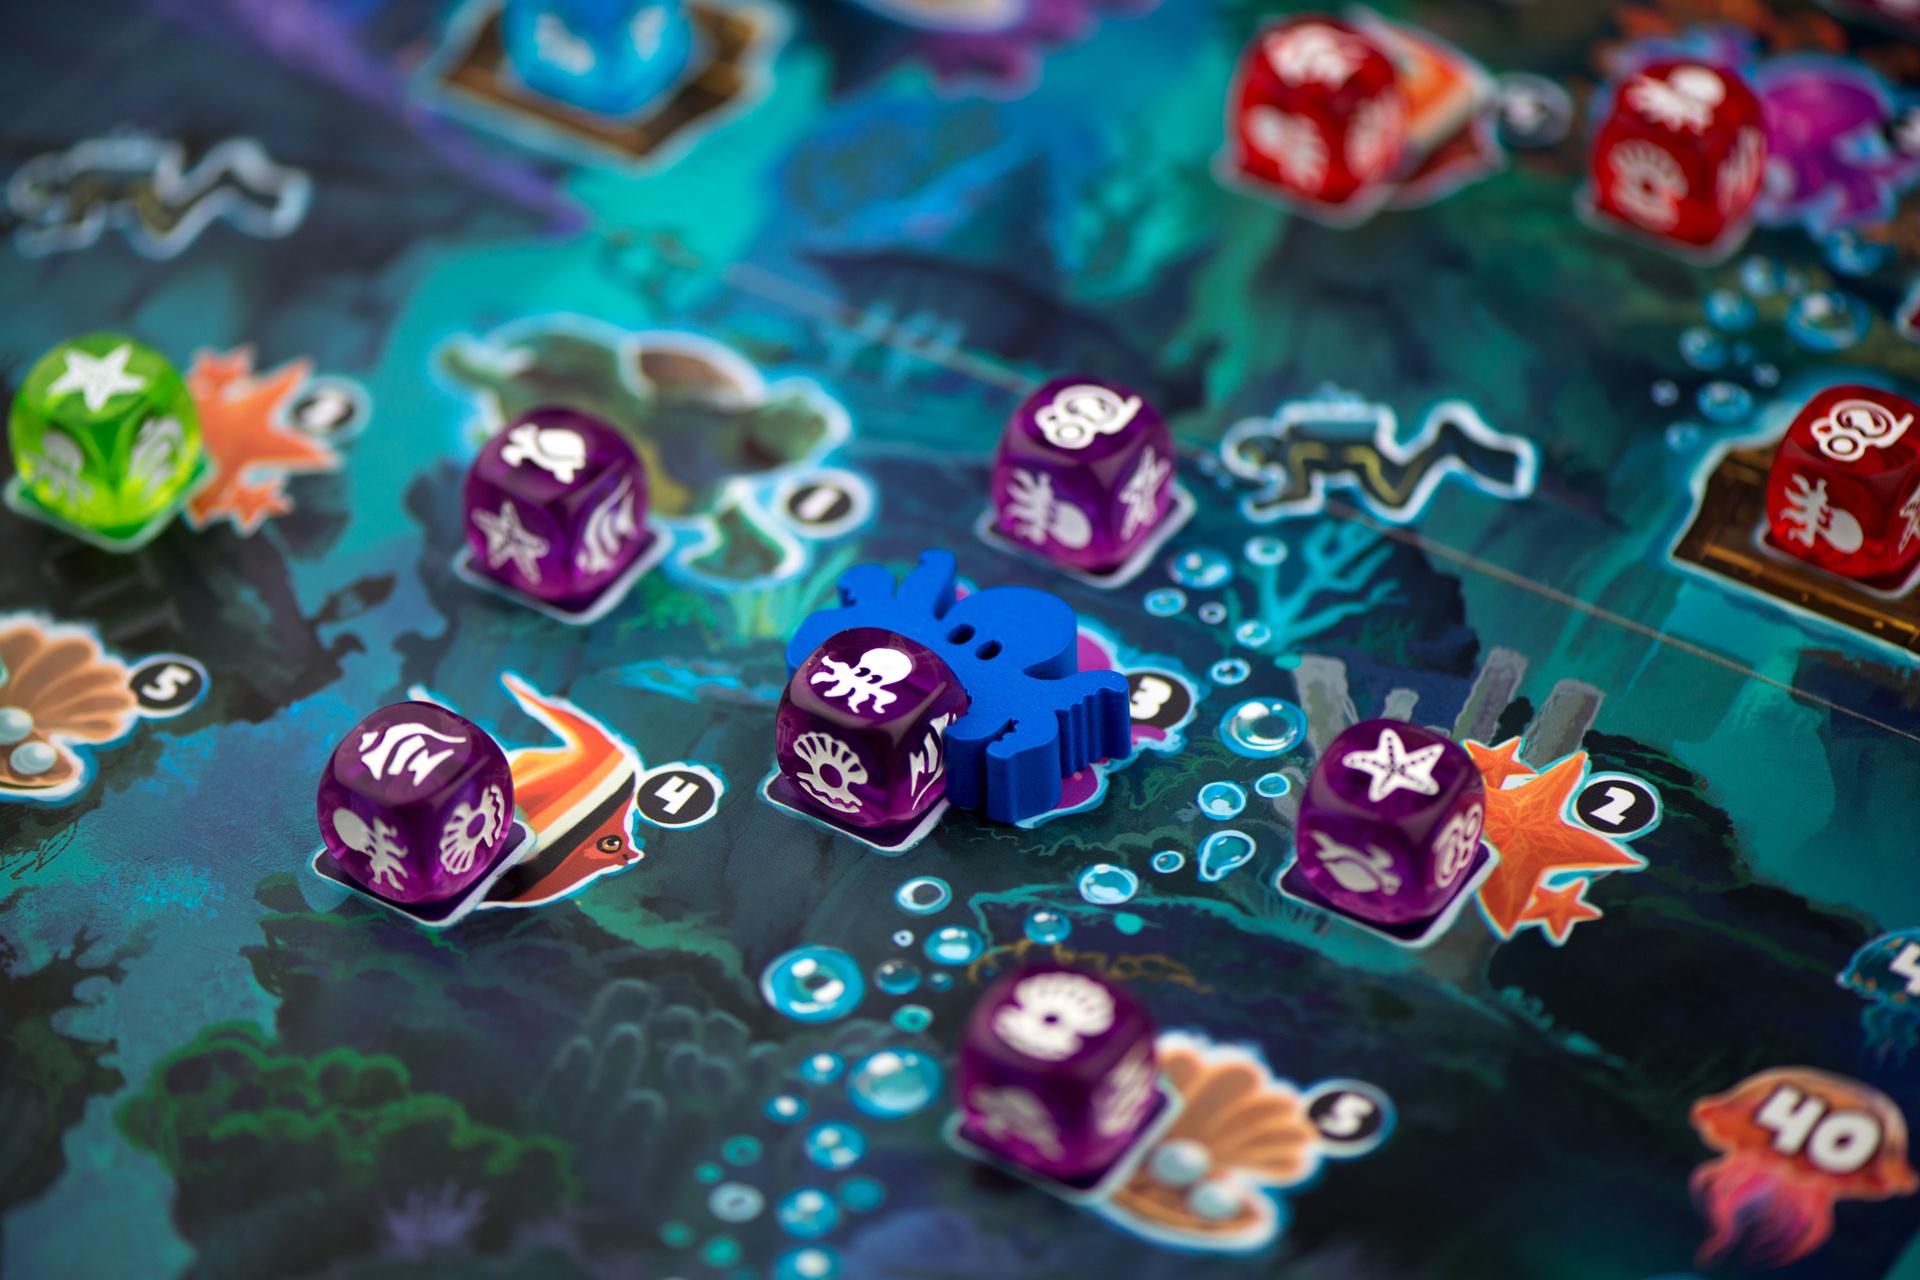 Coralia, de magnifiques récifs © R&R Games / Coimbra / Rieneck